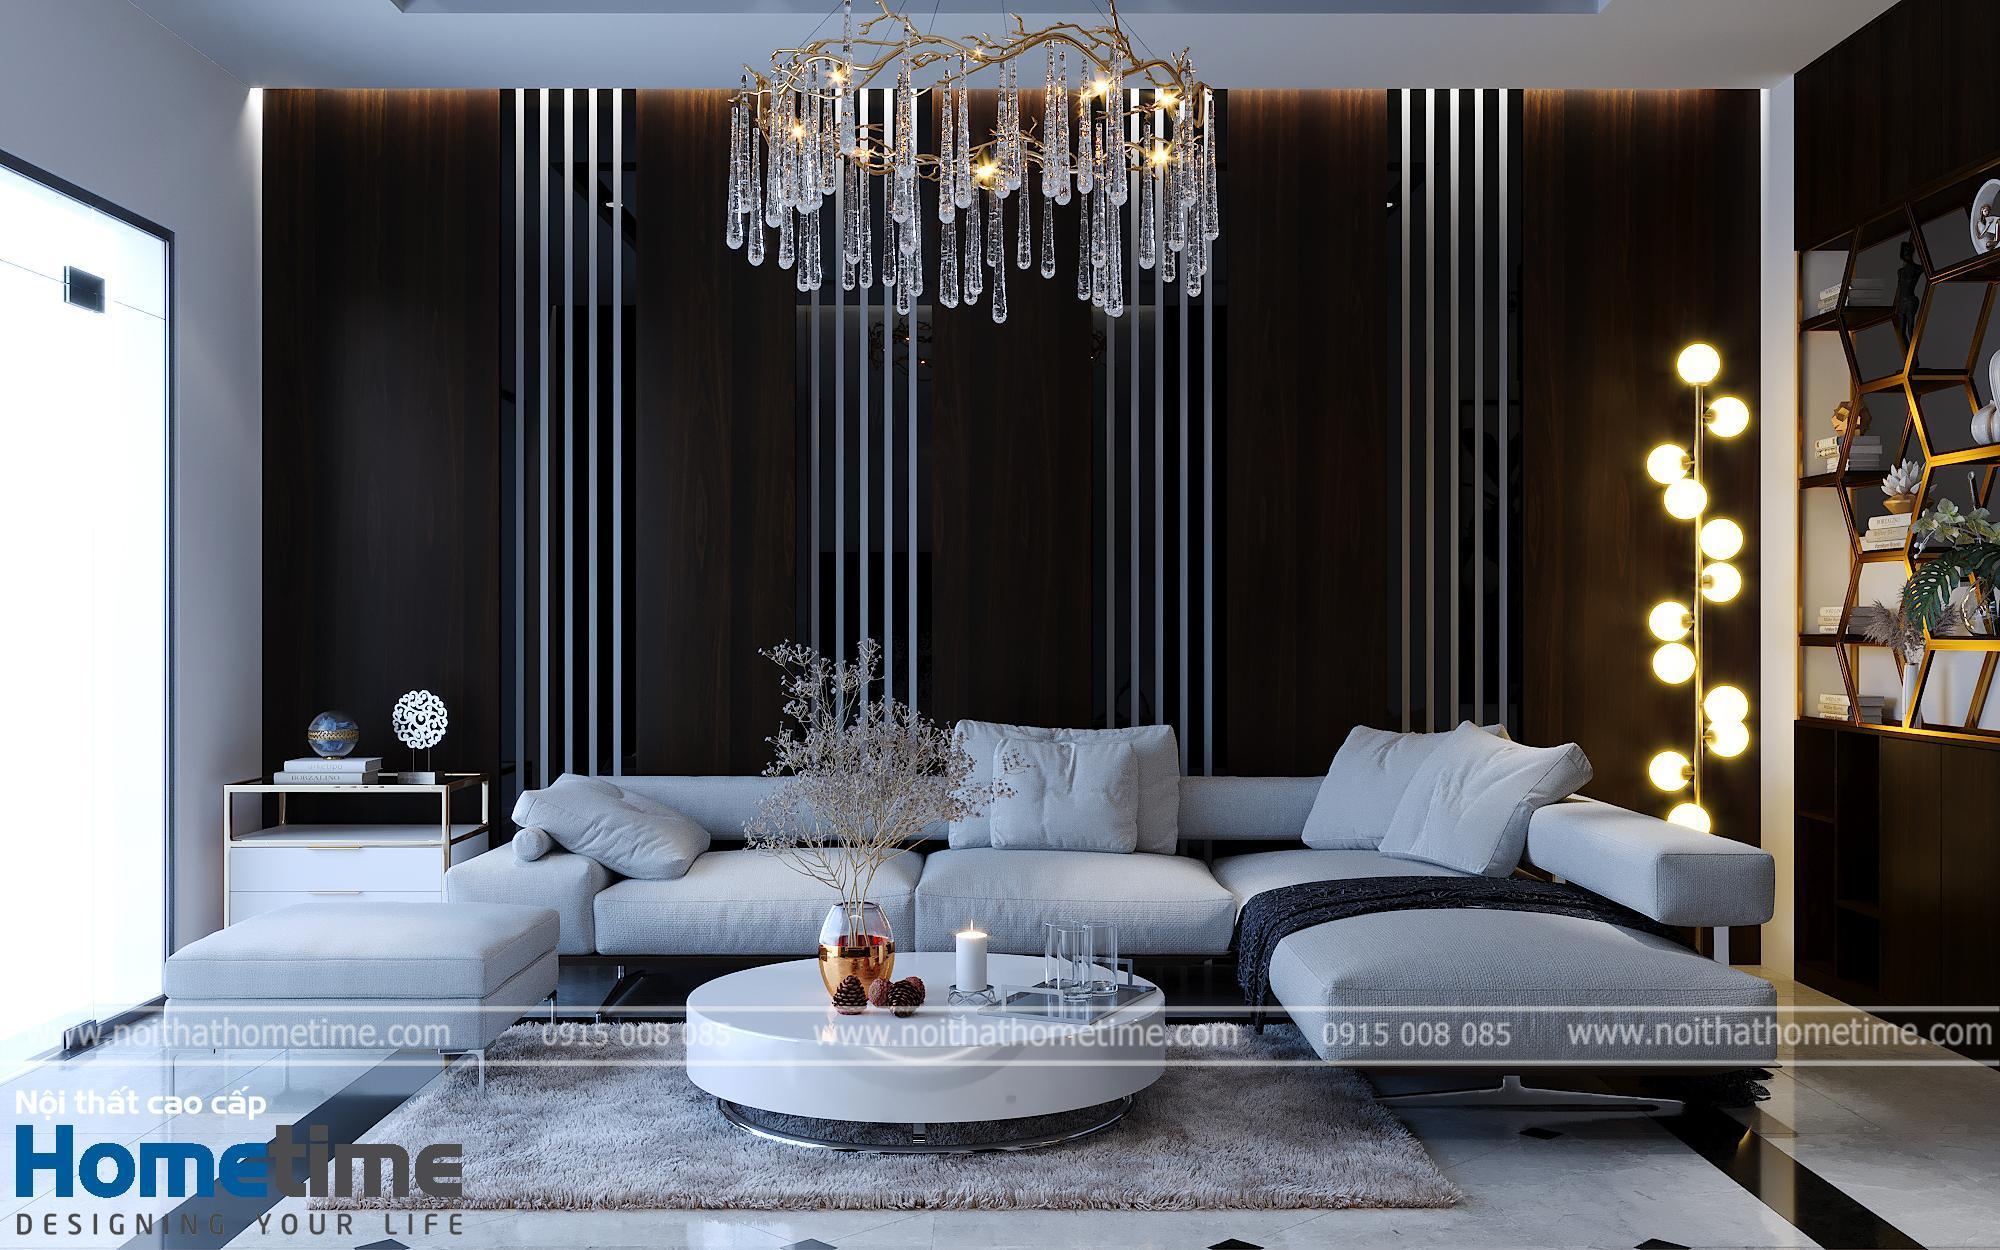 Bộ sofa nỉ màu trắng cao cấp